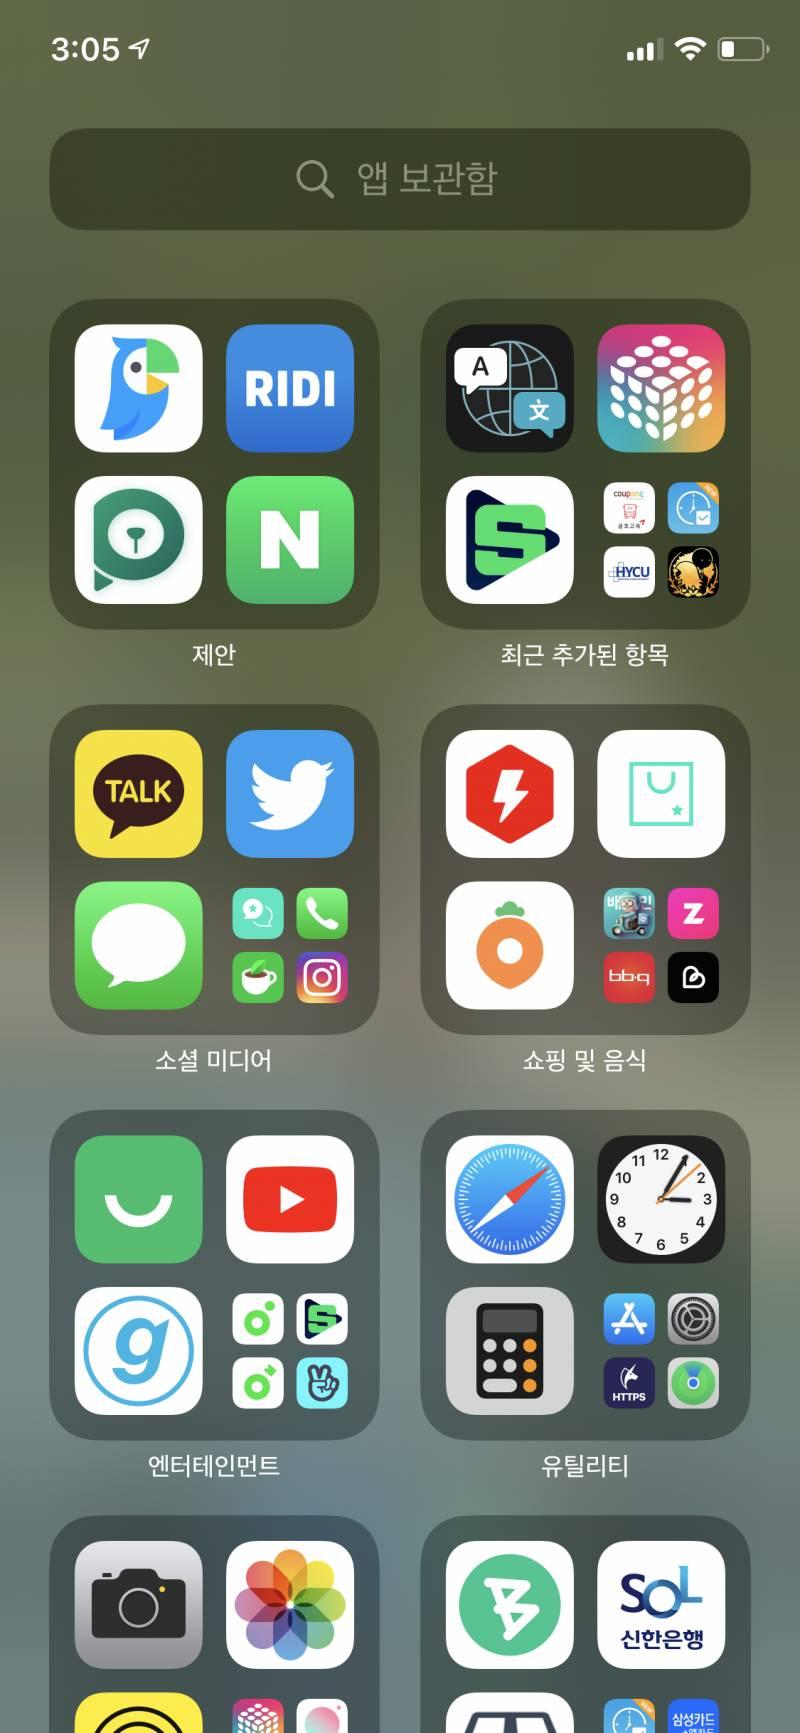 아이폰 업뎃 하니깐 화면 짱 깔끔해짐ㅋㅋㅋㅋㅋ | 인스티즈